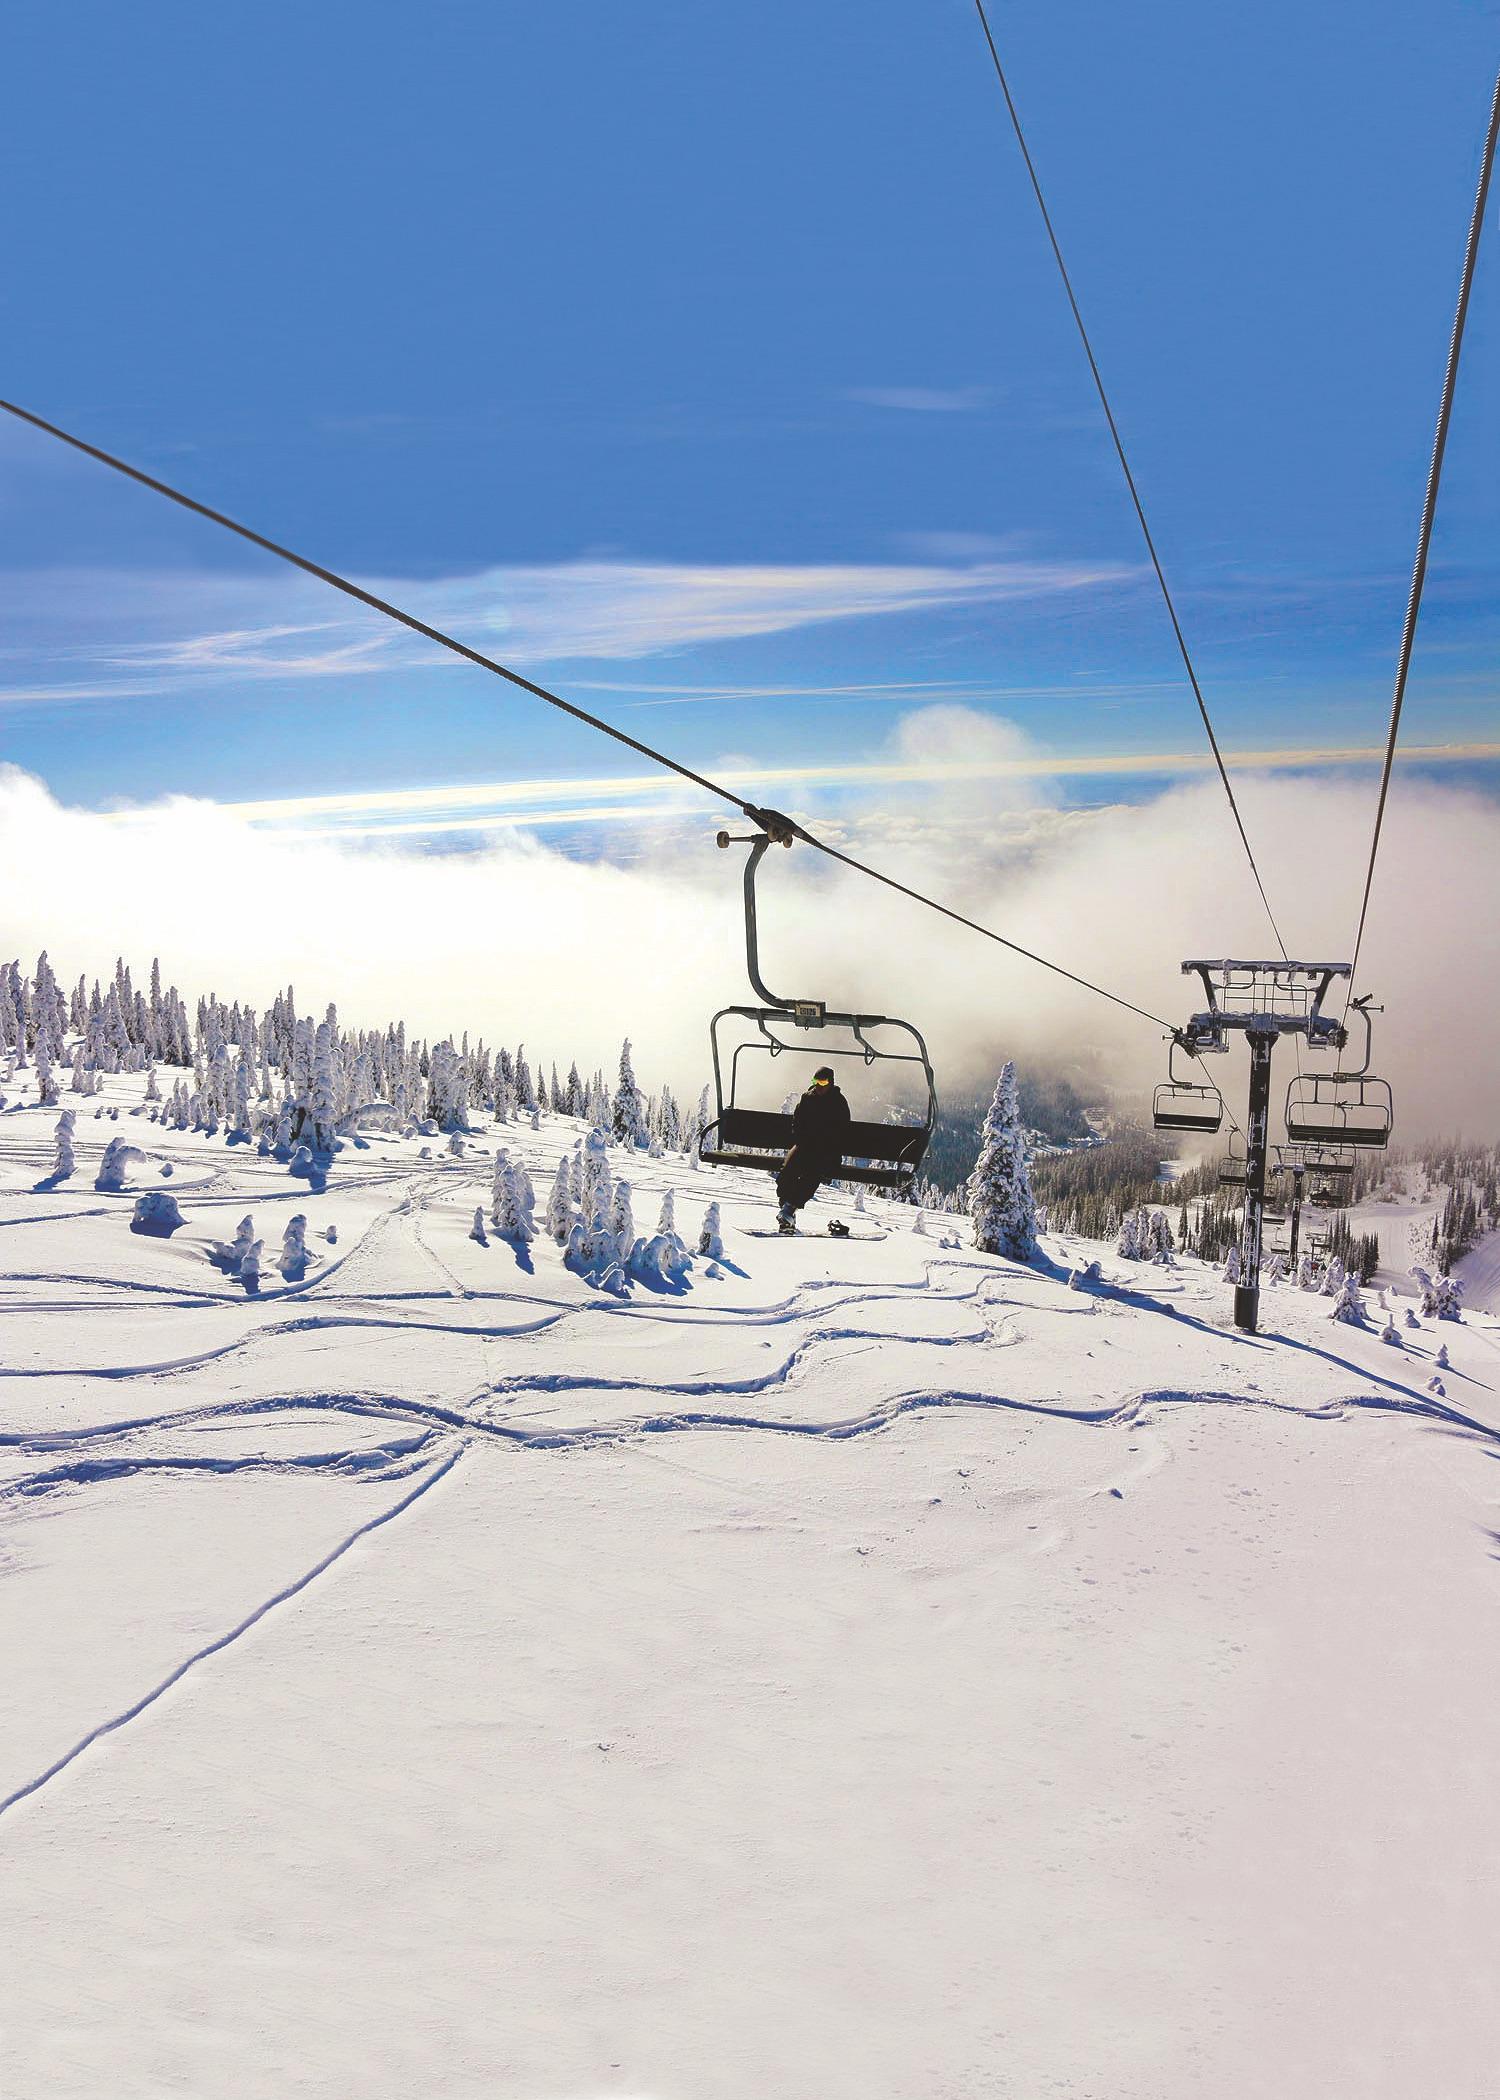 Destination Ski Lift